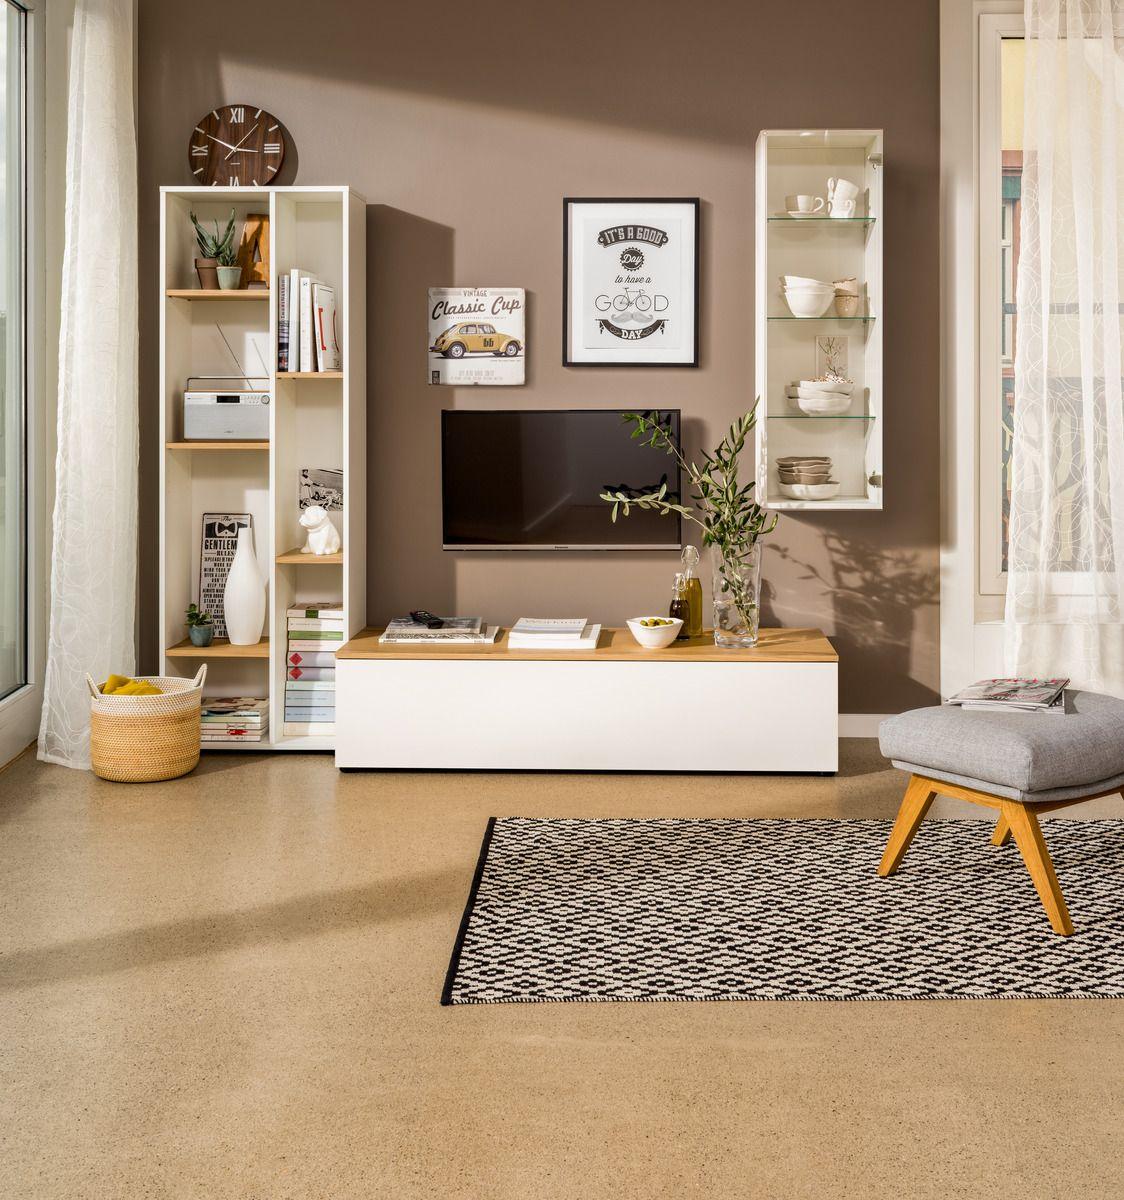 micasa wohnzimmer mit wohnsystem tell und teppich kathrin | micasa, Mobel ideea